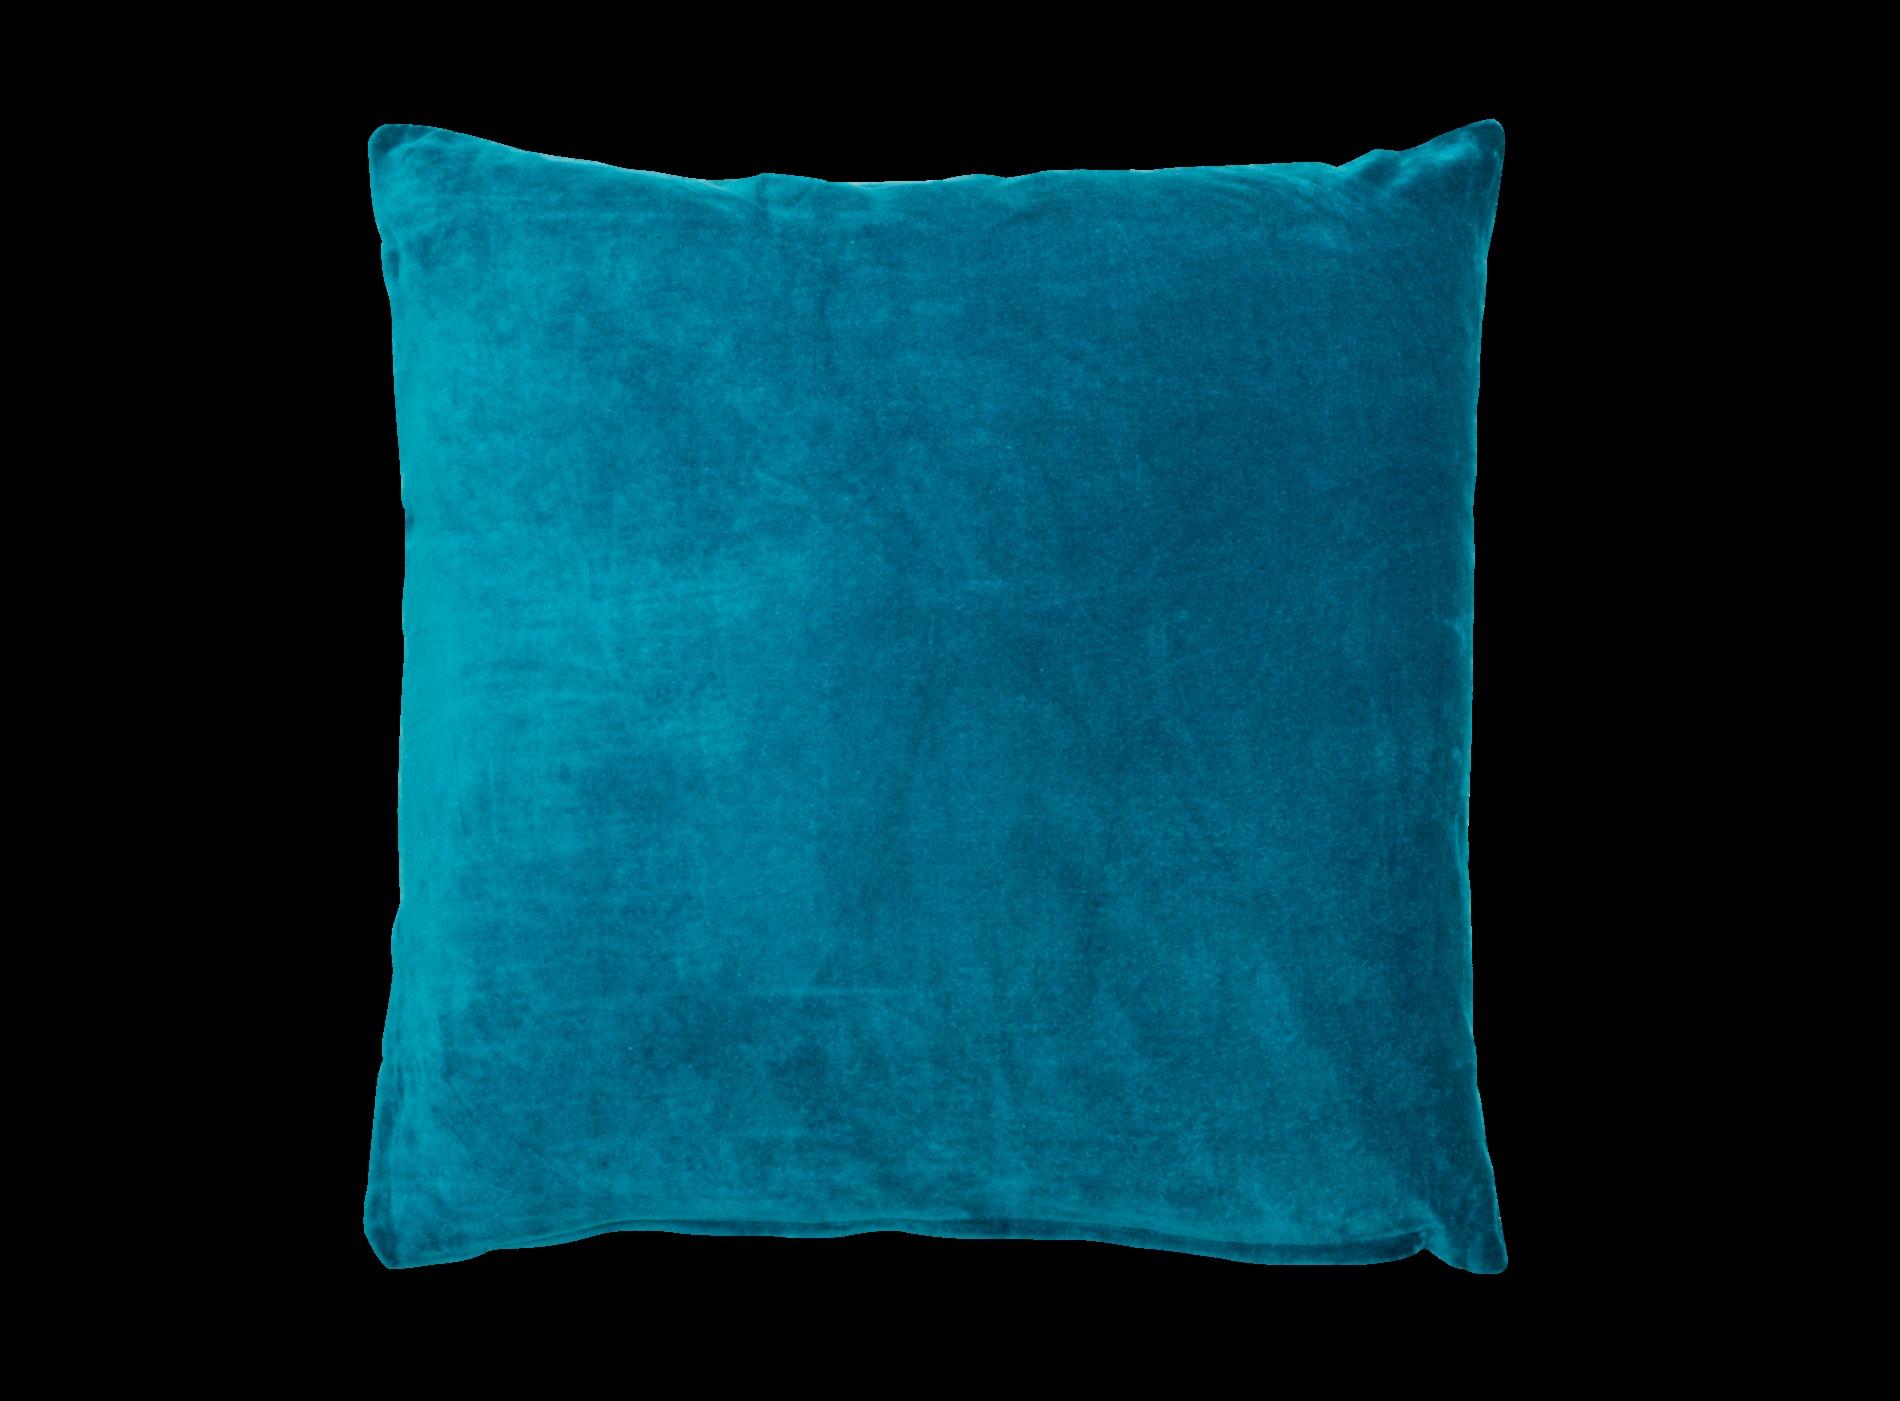 Coussin Velours 60X60 Bleu Canard Coussin 60 X 60 — Mikea ... tout Housse Coussin Velours 60X60